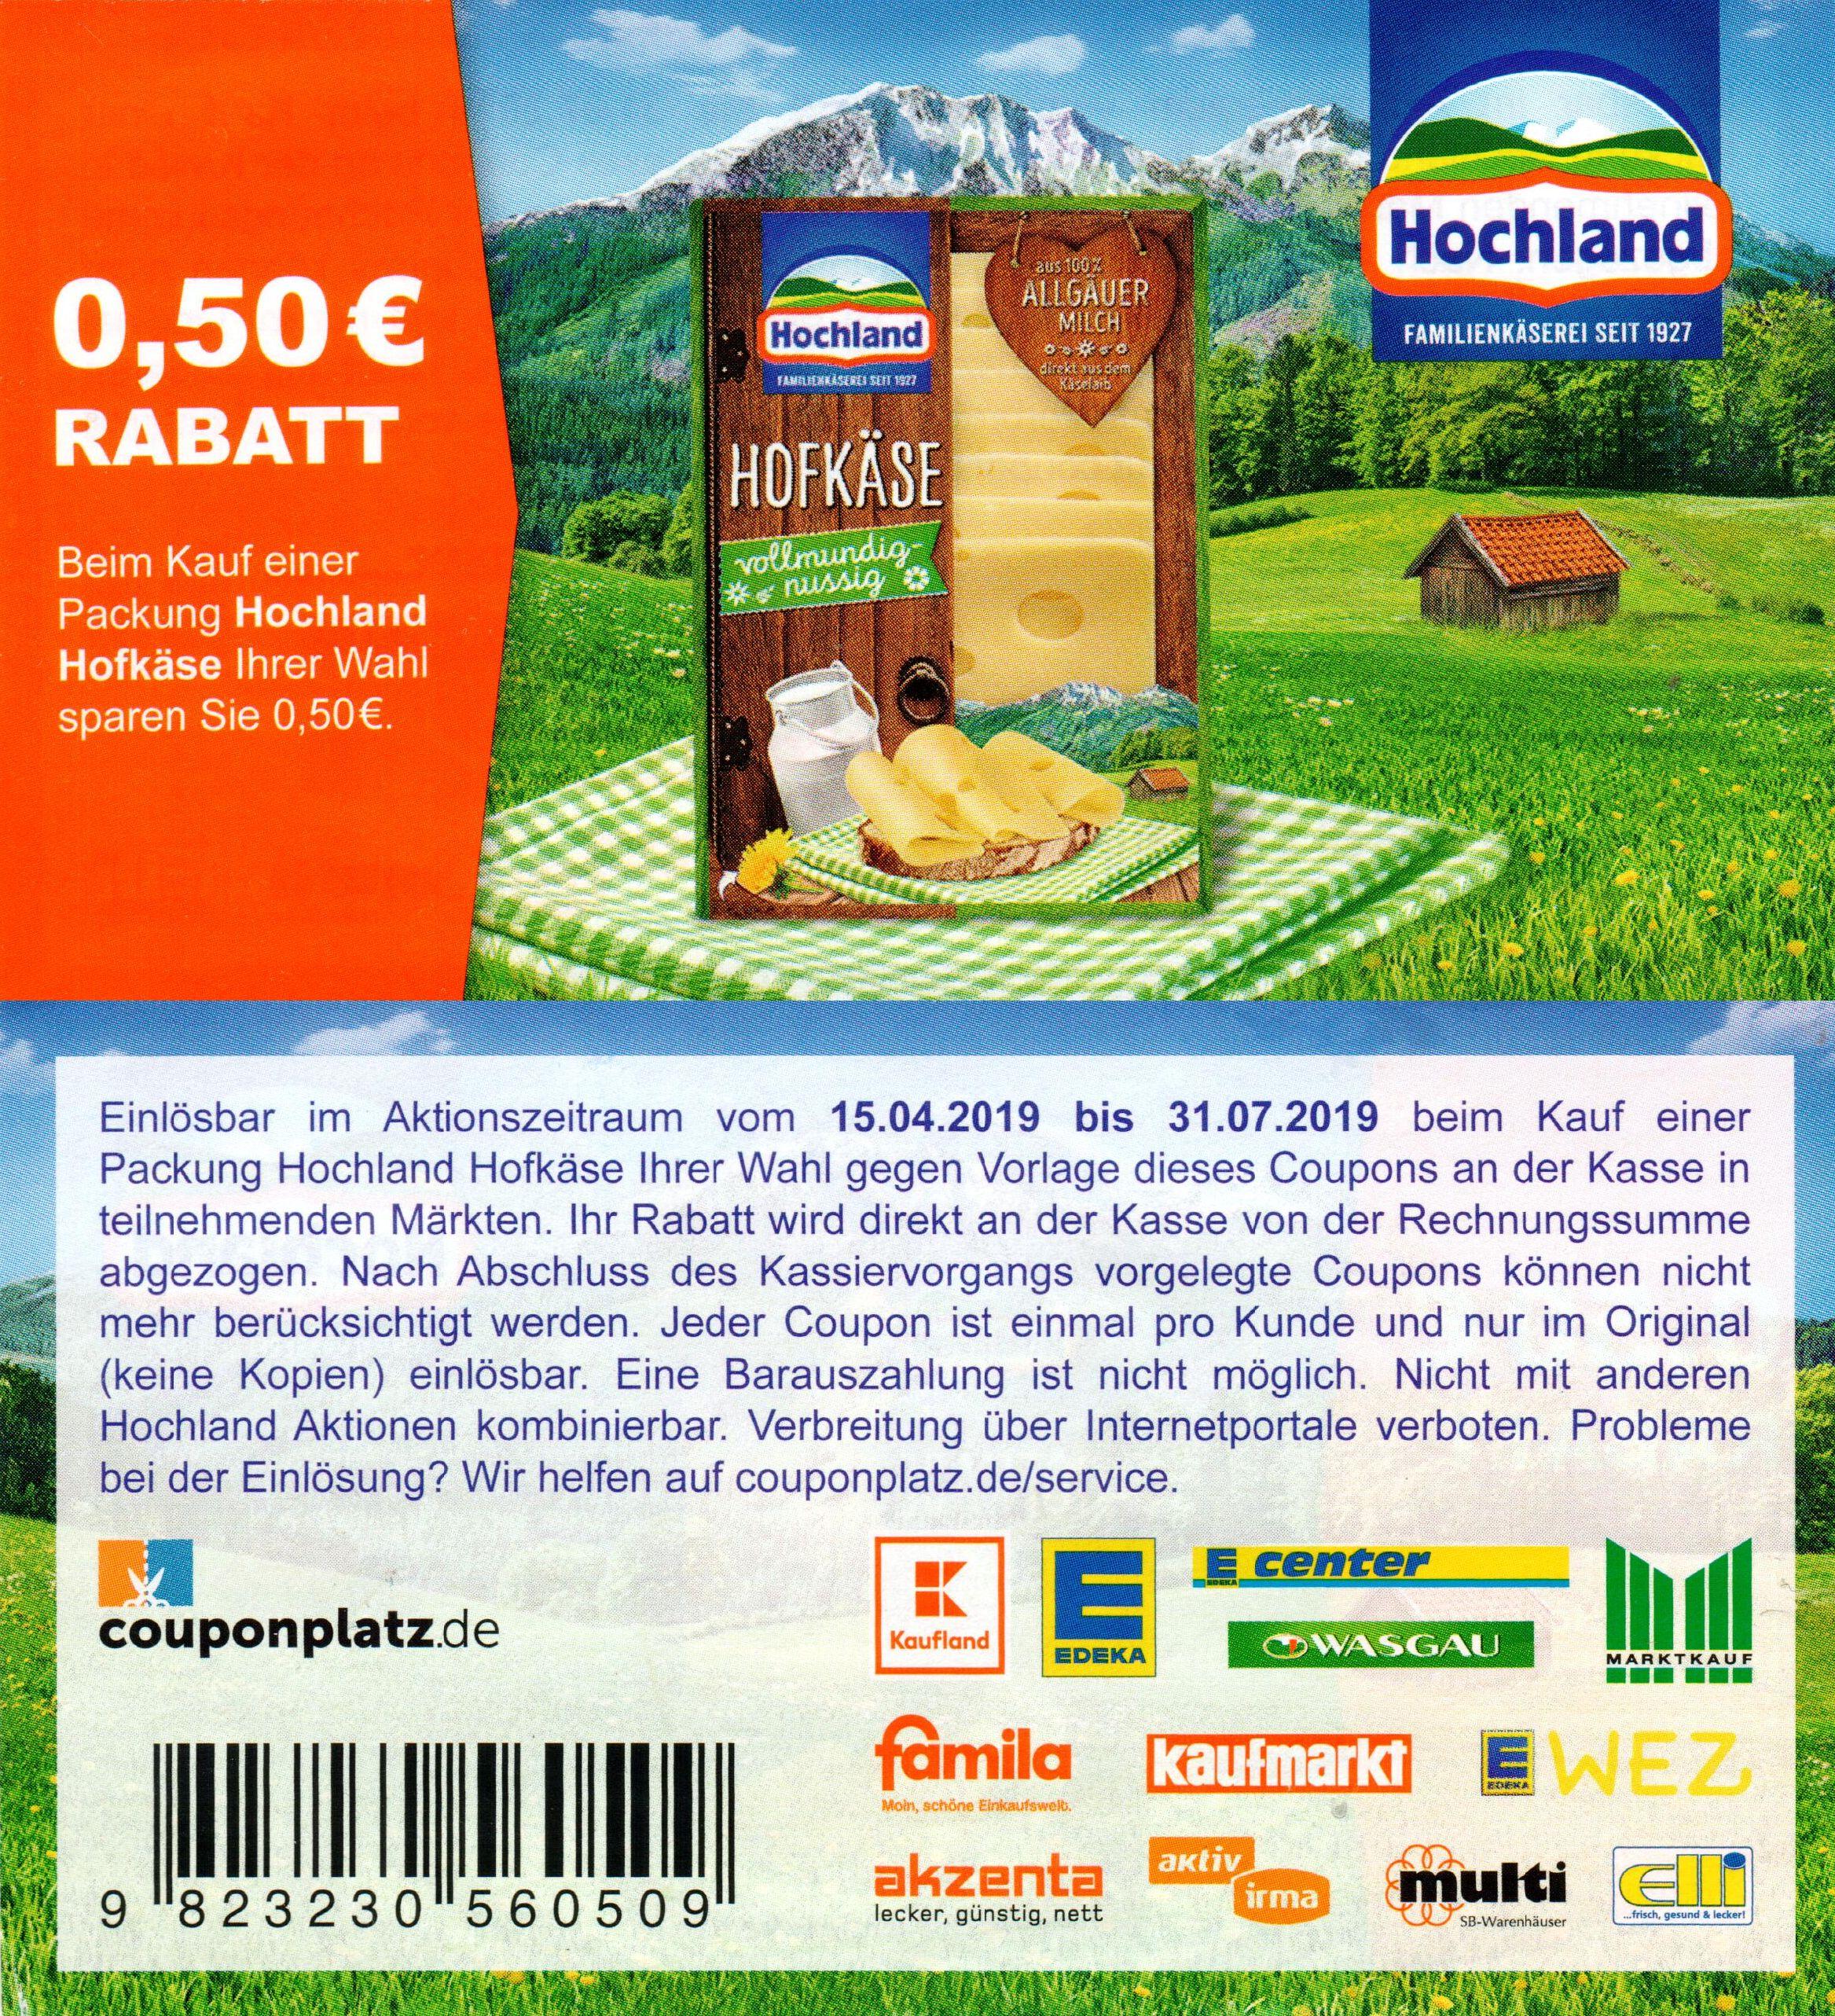 0,50€ Sofort-Rabatt Coupon für 1x Hochland Hofkäse bis 31.07.2019